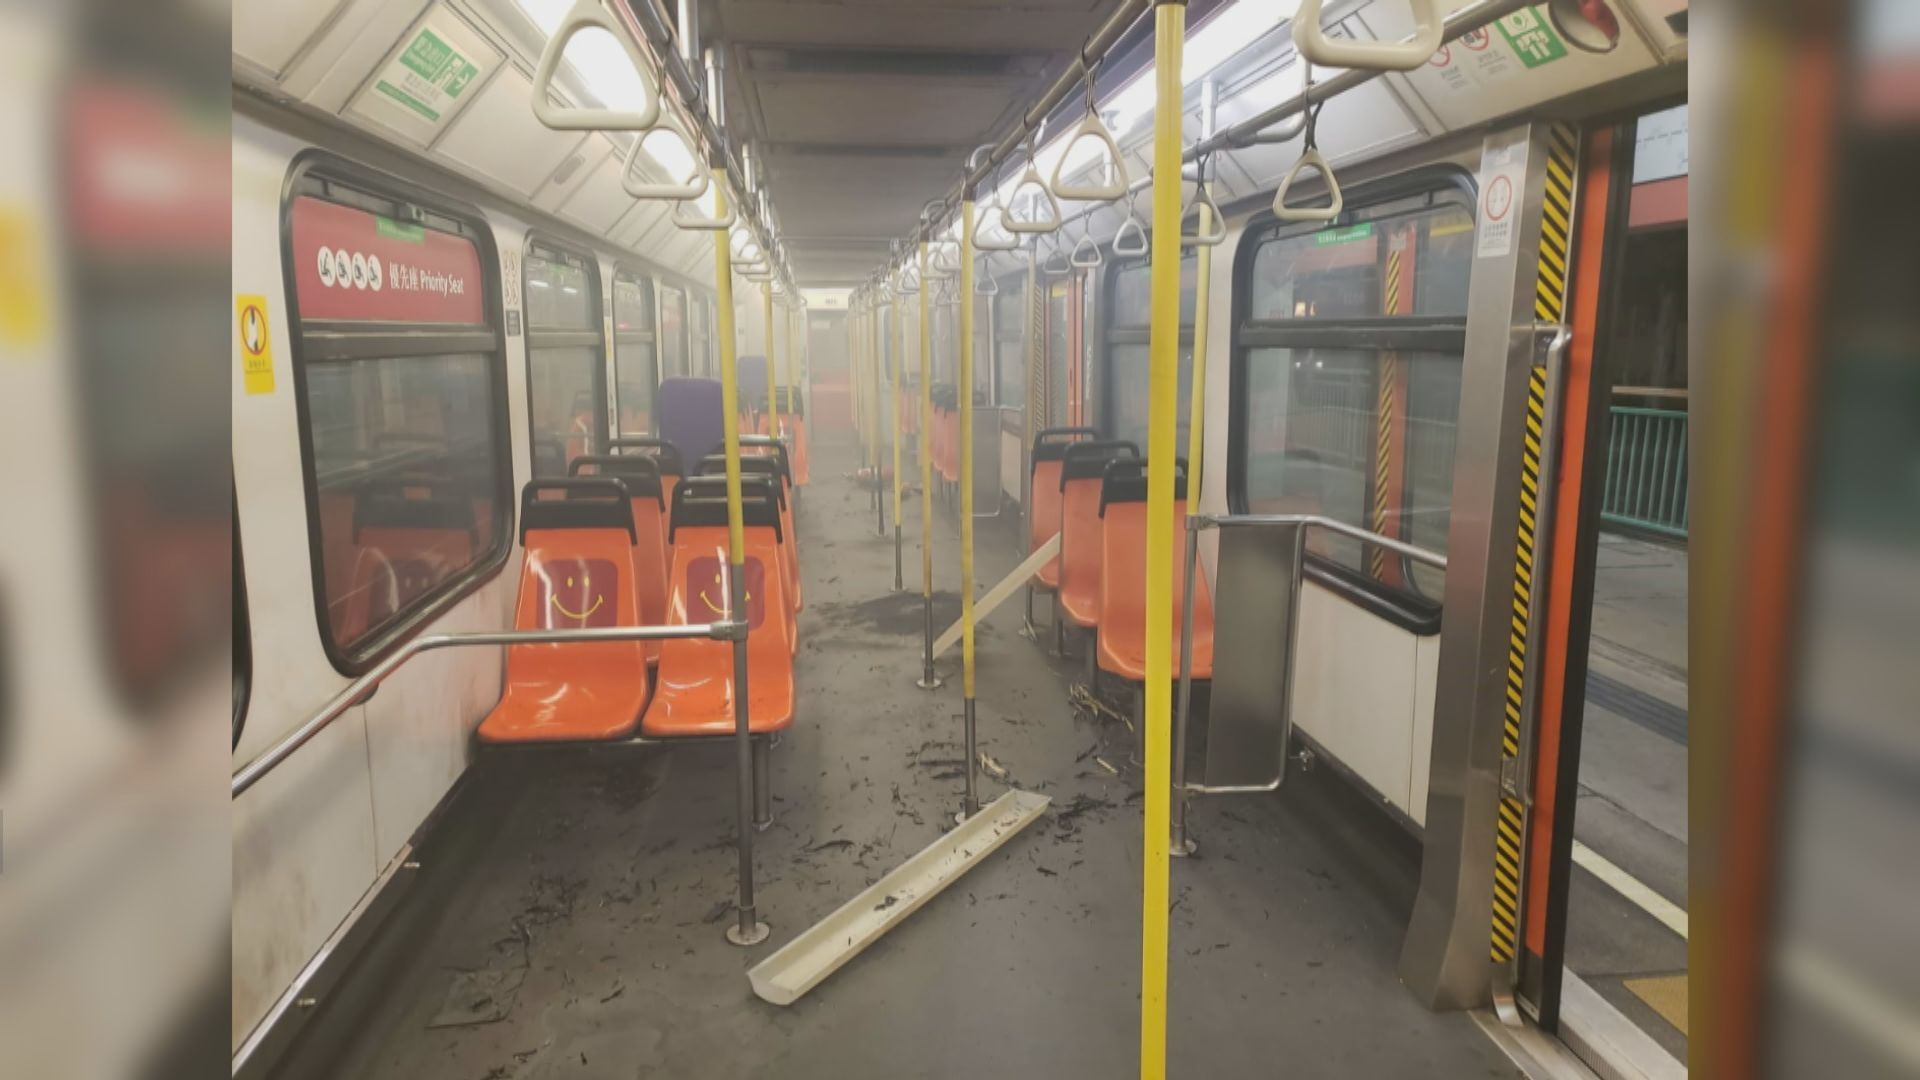 屯門輕鐵遭人投擲汽油彈燒縱火